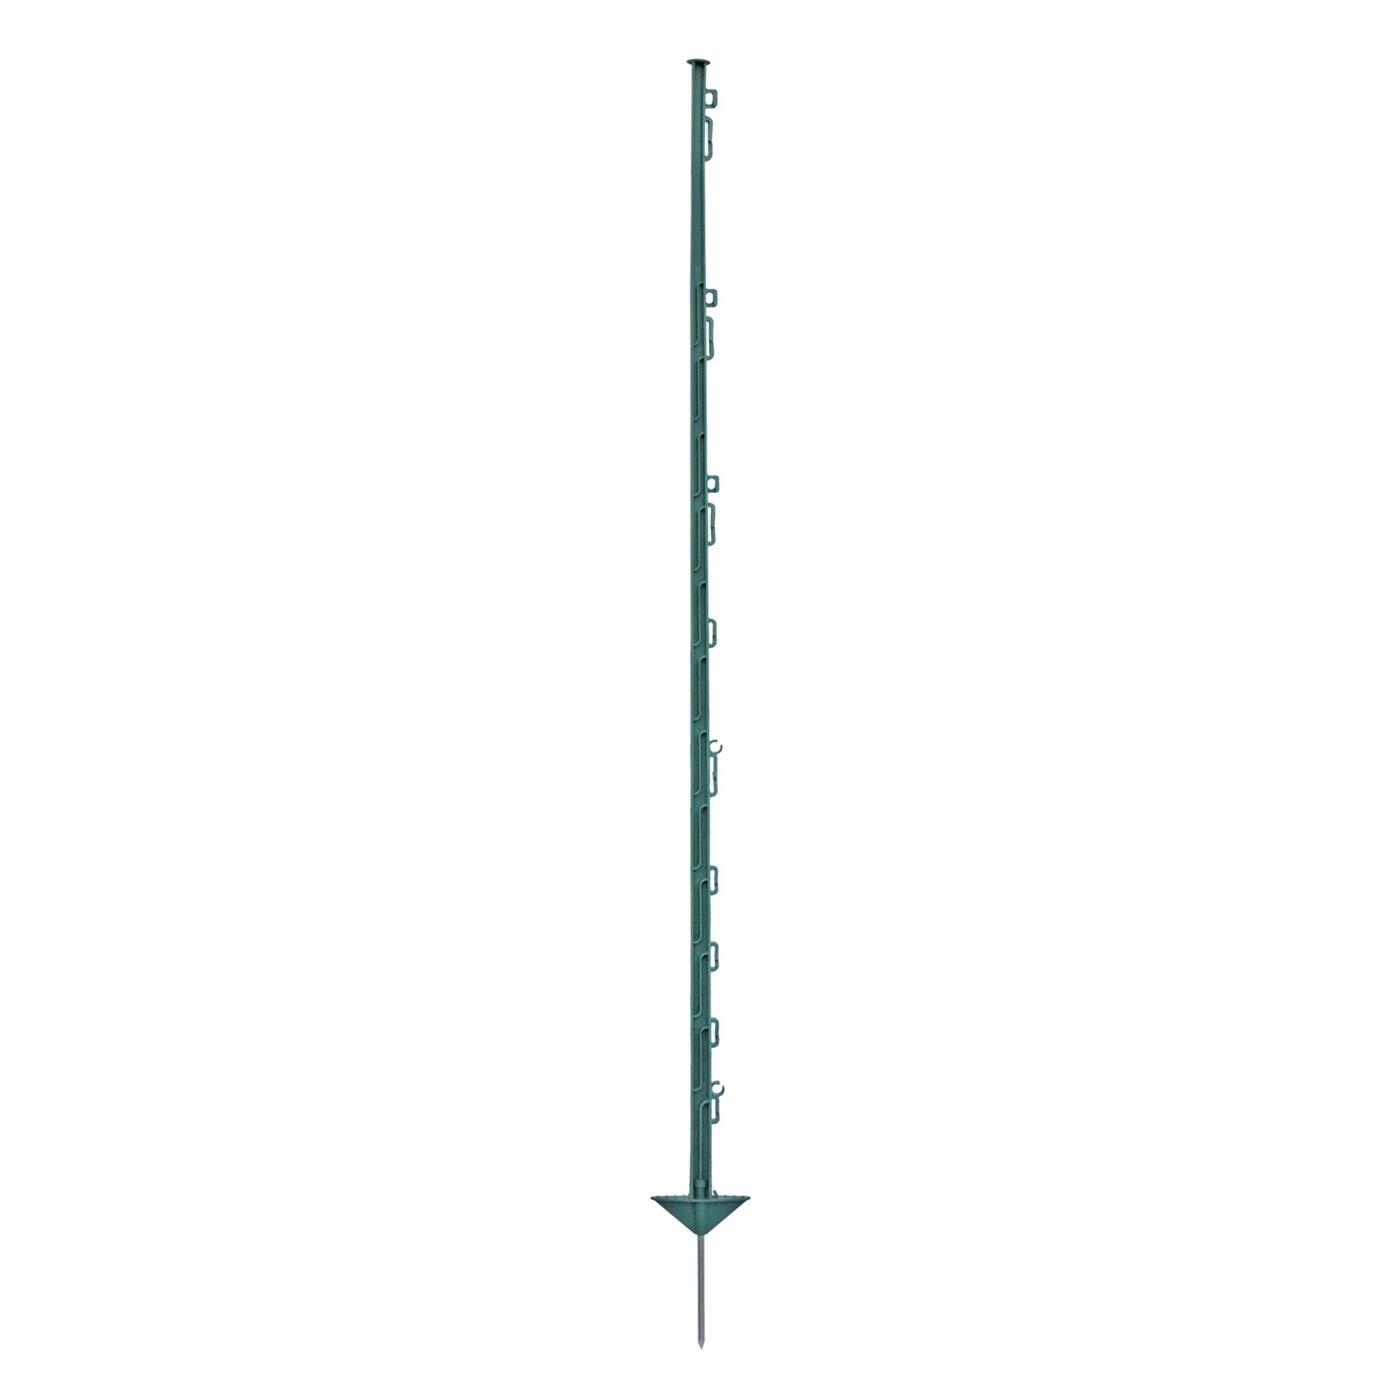 20x piquets en plastique, 150cm, 14 oilletons, couleur verte